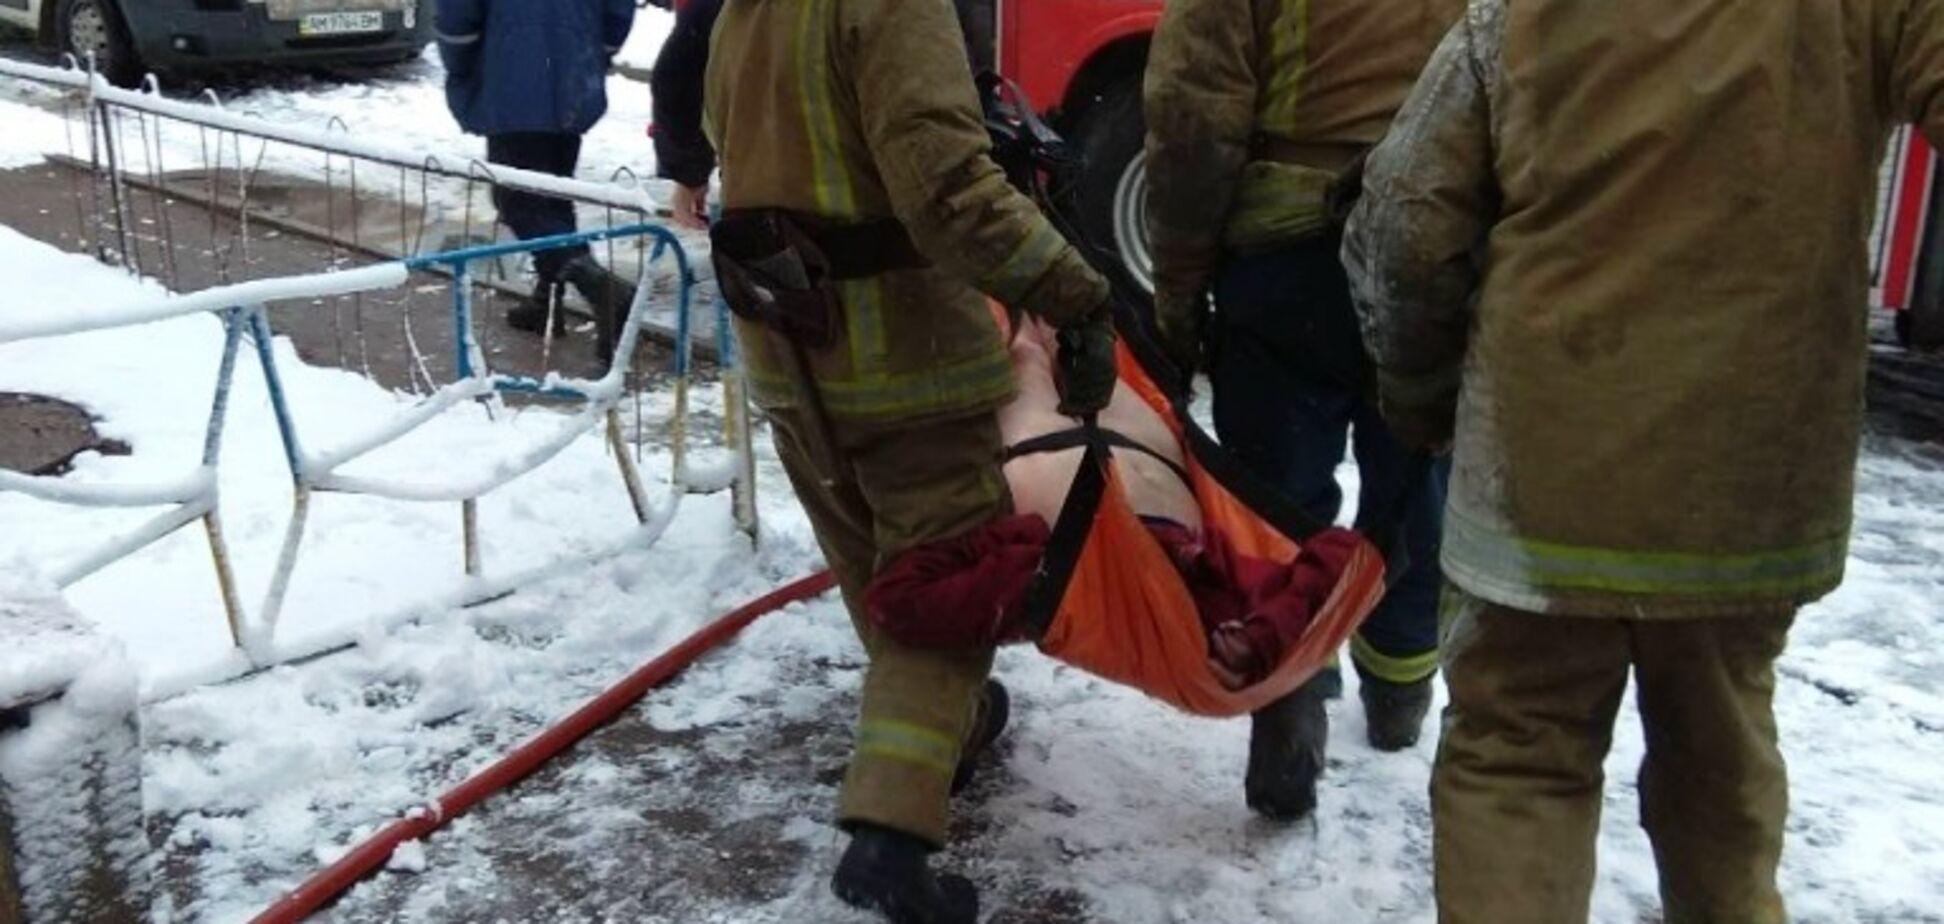 Померла дитина: під Житомиром спалахнула моторошна пожежа в багатоповерхівці